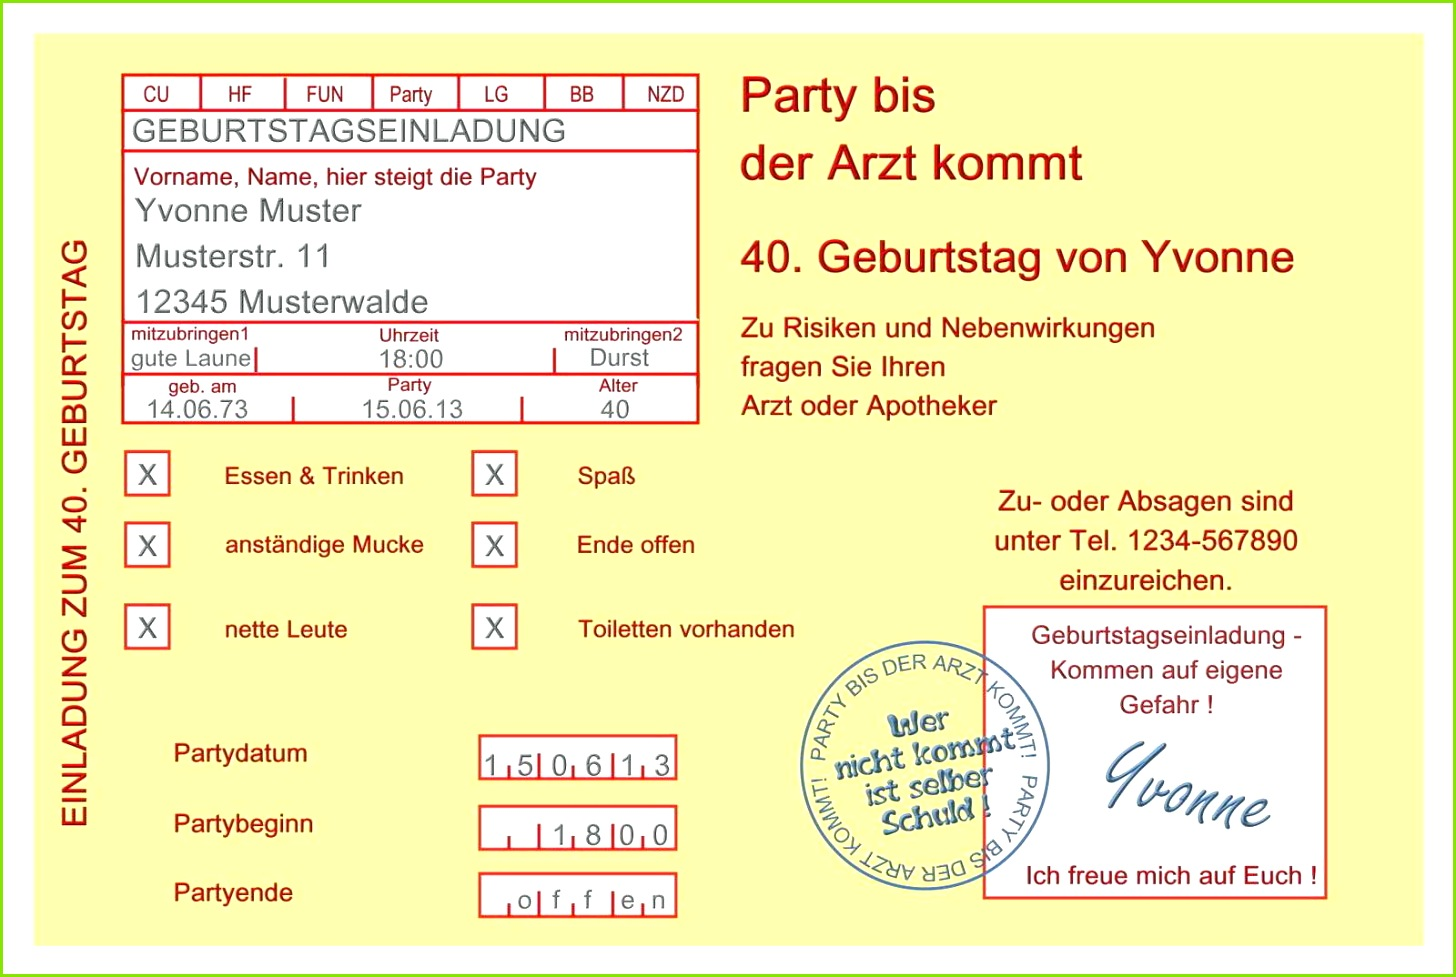 60 Geburtstag Einladung Vorlagen Vorlagen Einladung Geburtstag Kostenlos Einladungskarten Vorlagen 60 Geburtstag Einladung